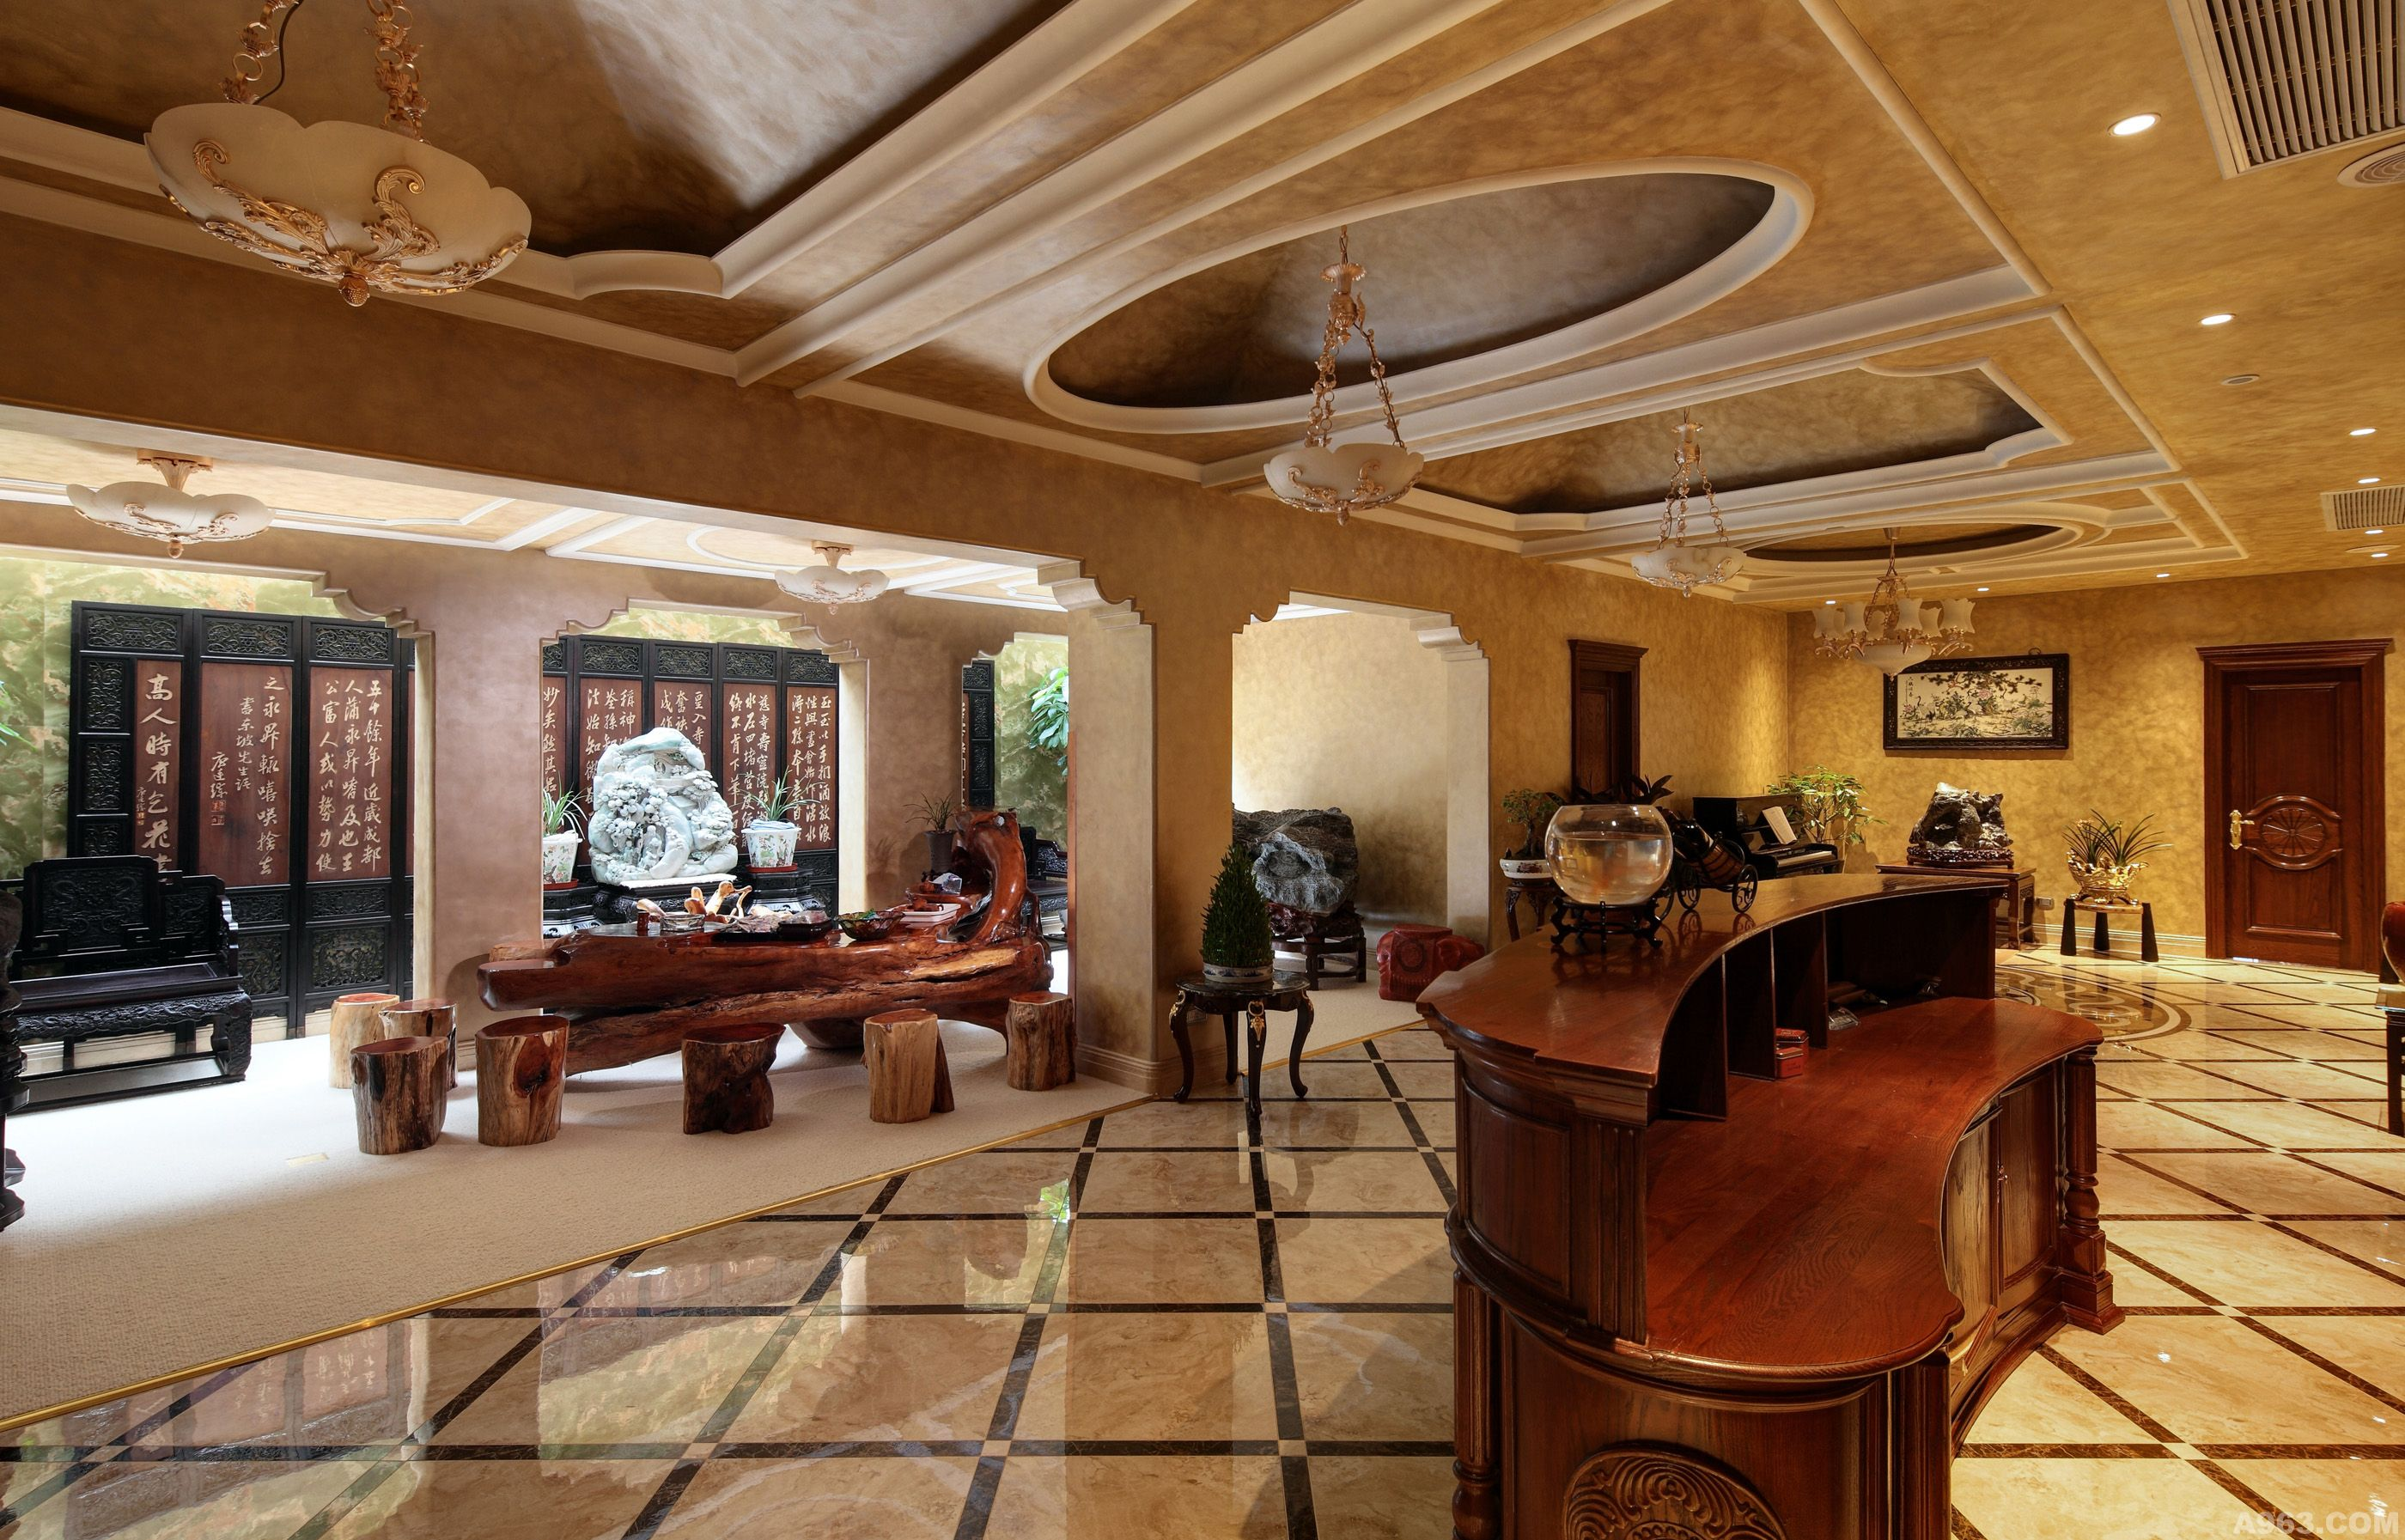 南京--钟山国际高尔夫 - 别墅豪宅 - 第5页 - 家居